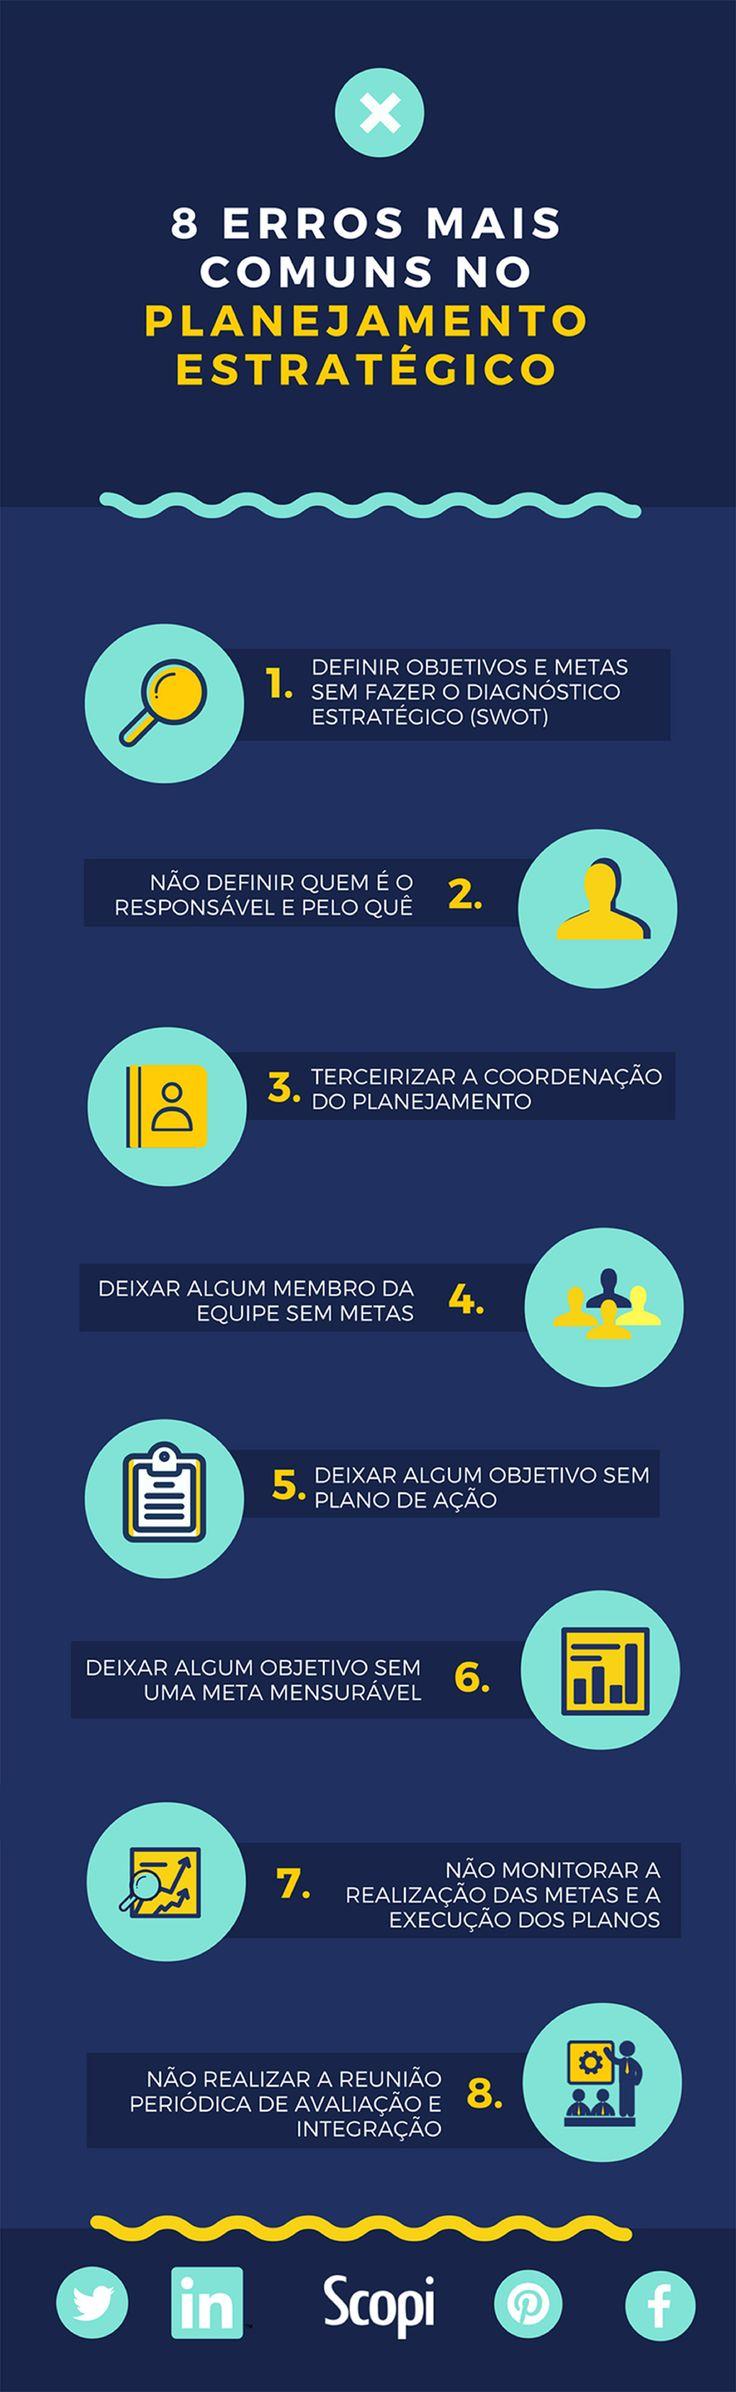 8 erros mais comuns no planejamento estratégico